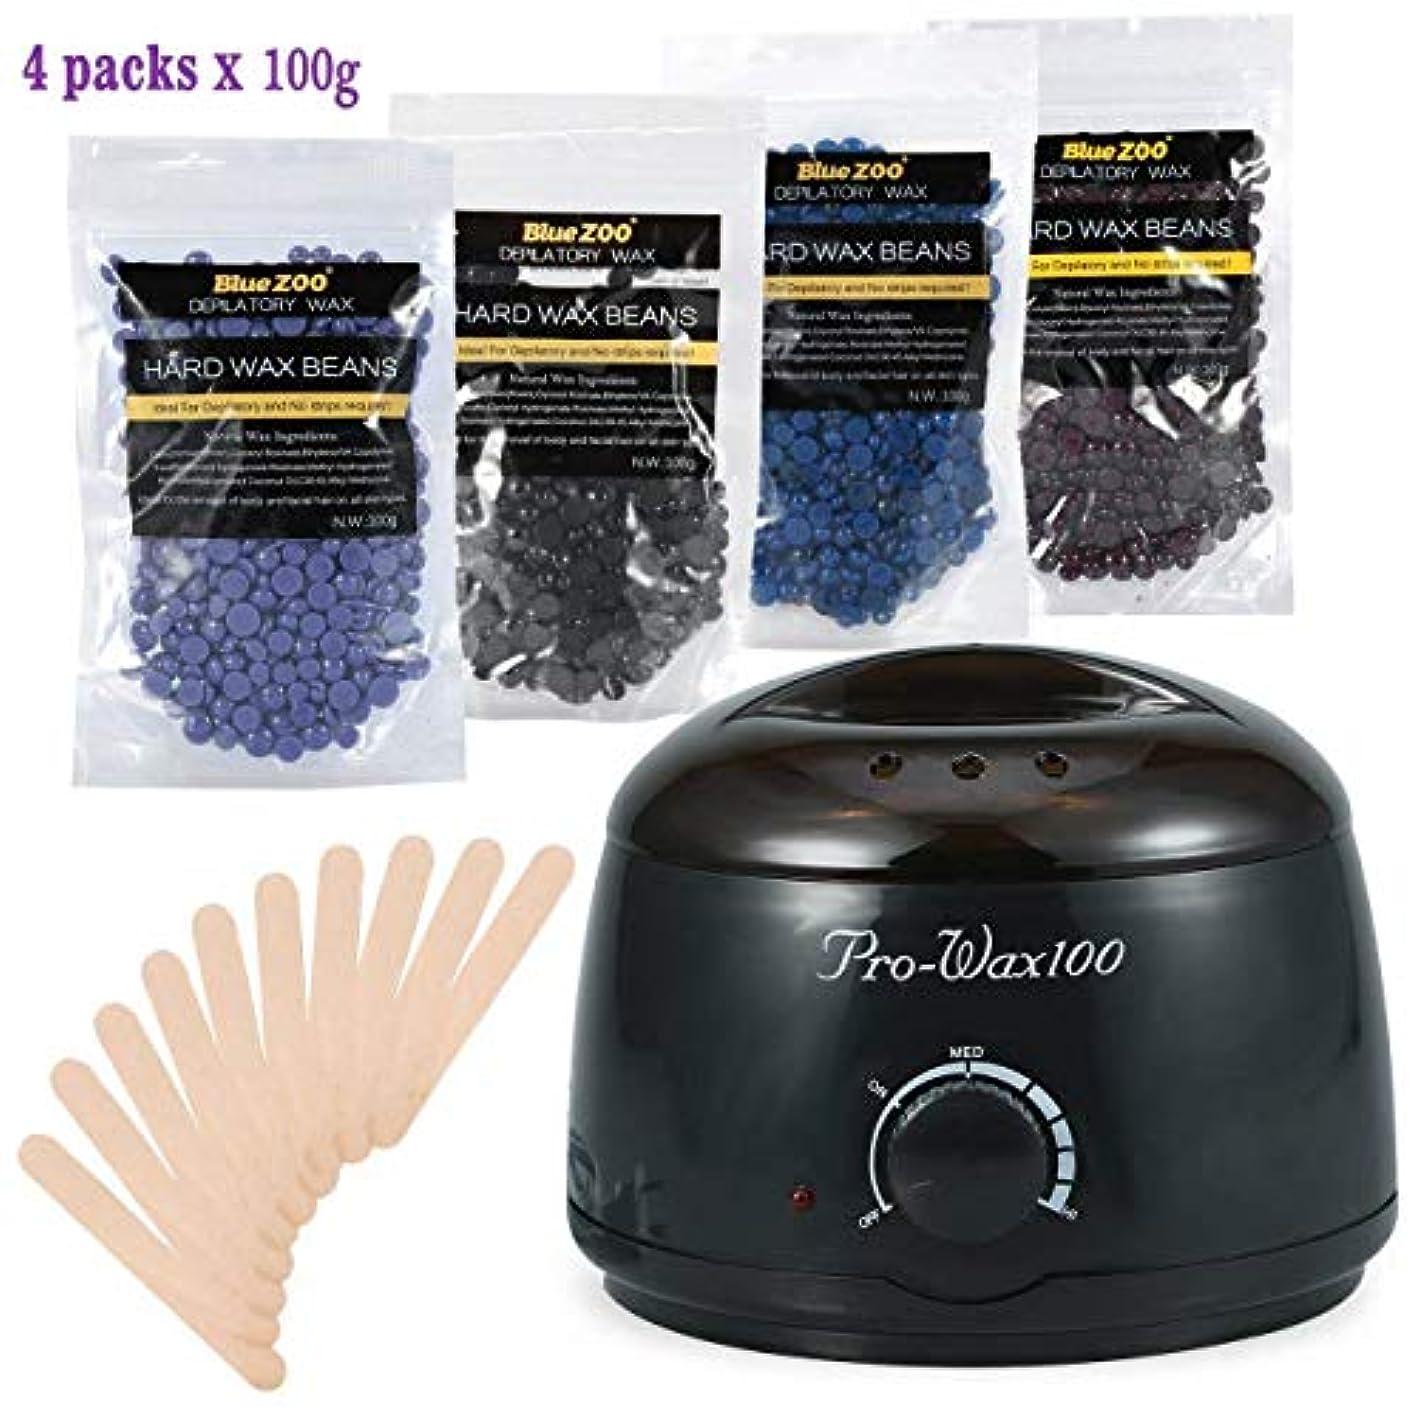 カート孤独な不実ボディービキニ脱毛?ワックスセット、500ml電気ワックスヒーター(ブラック)4種類のハードワックス豆と木製シャベル10種類、ワックス豆100g (1)